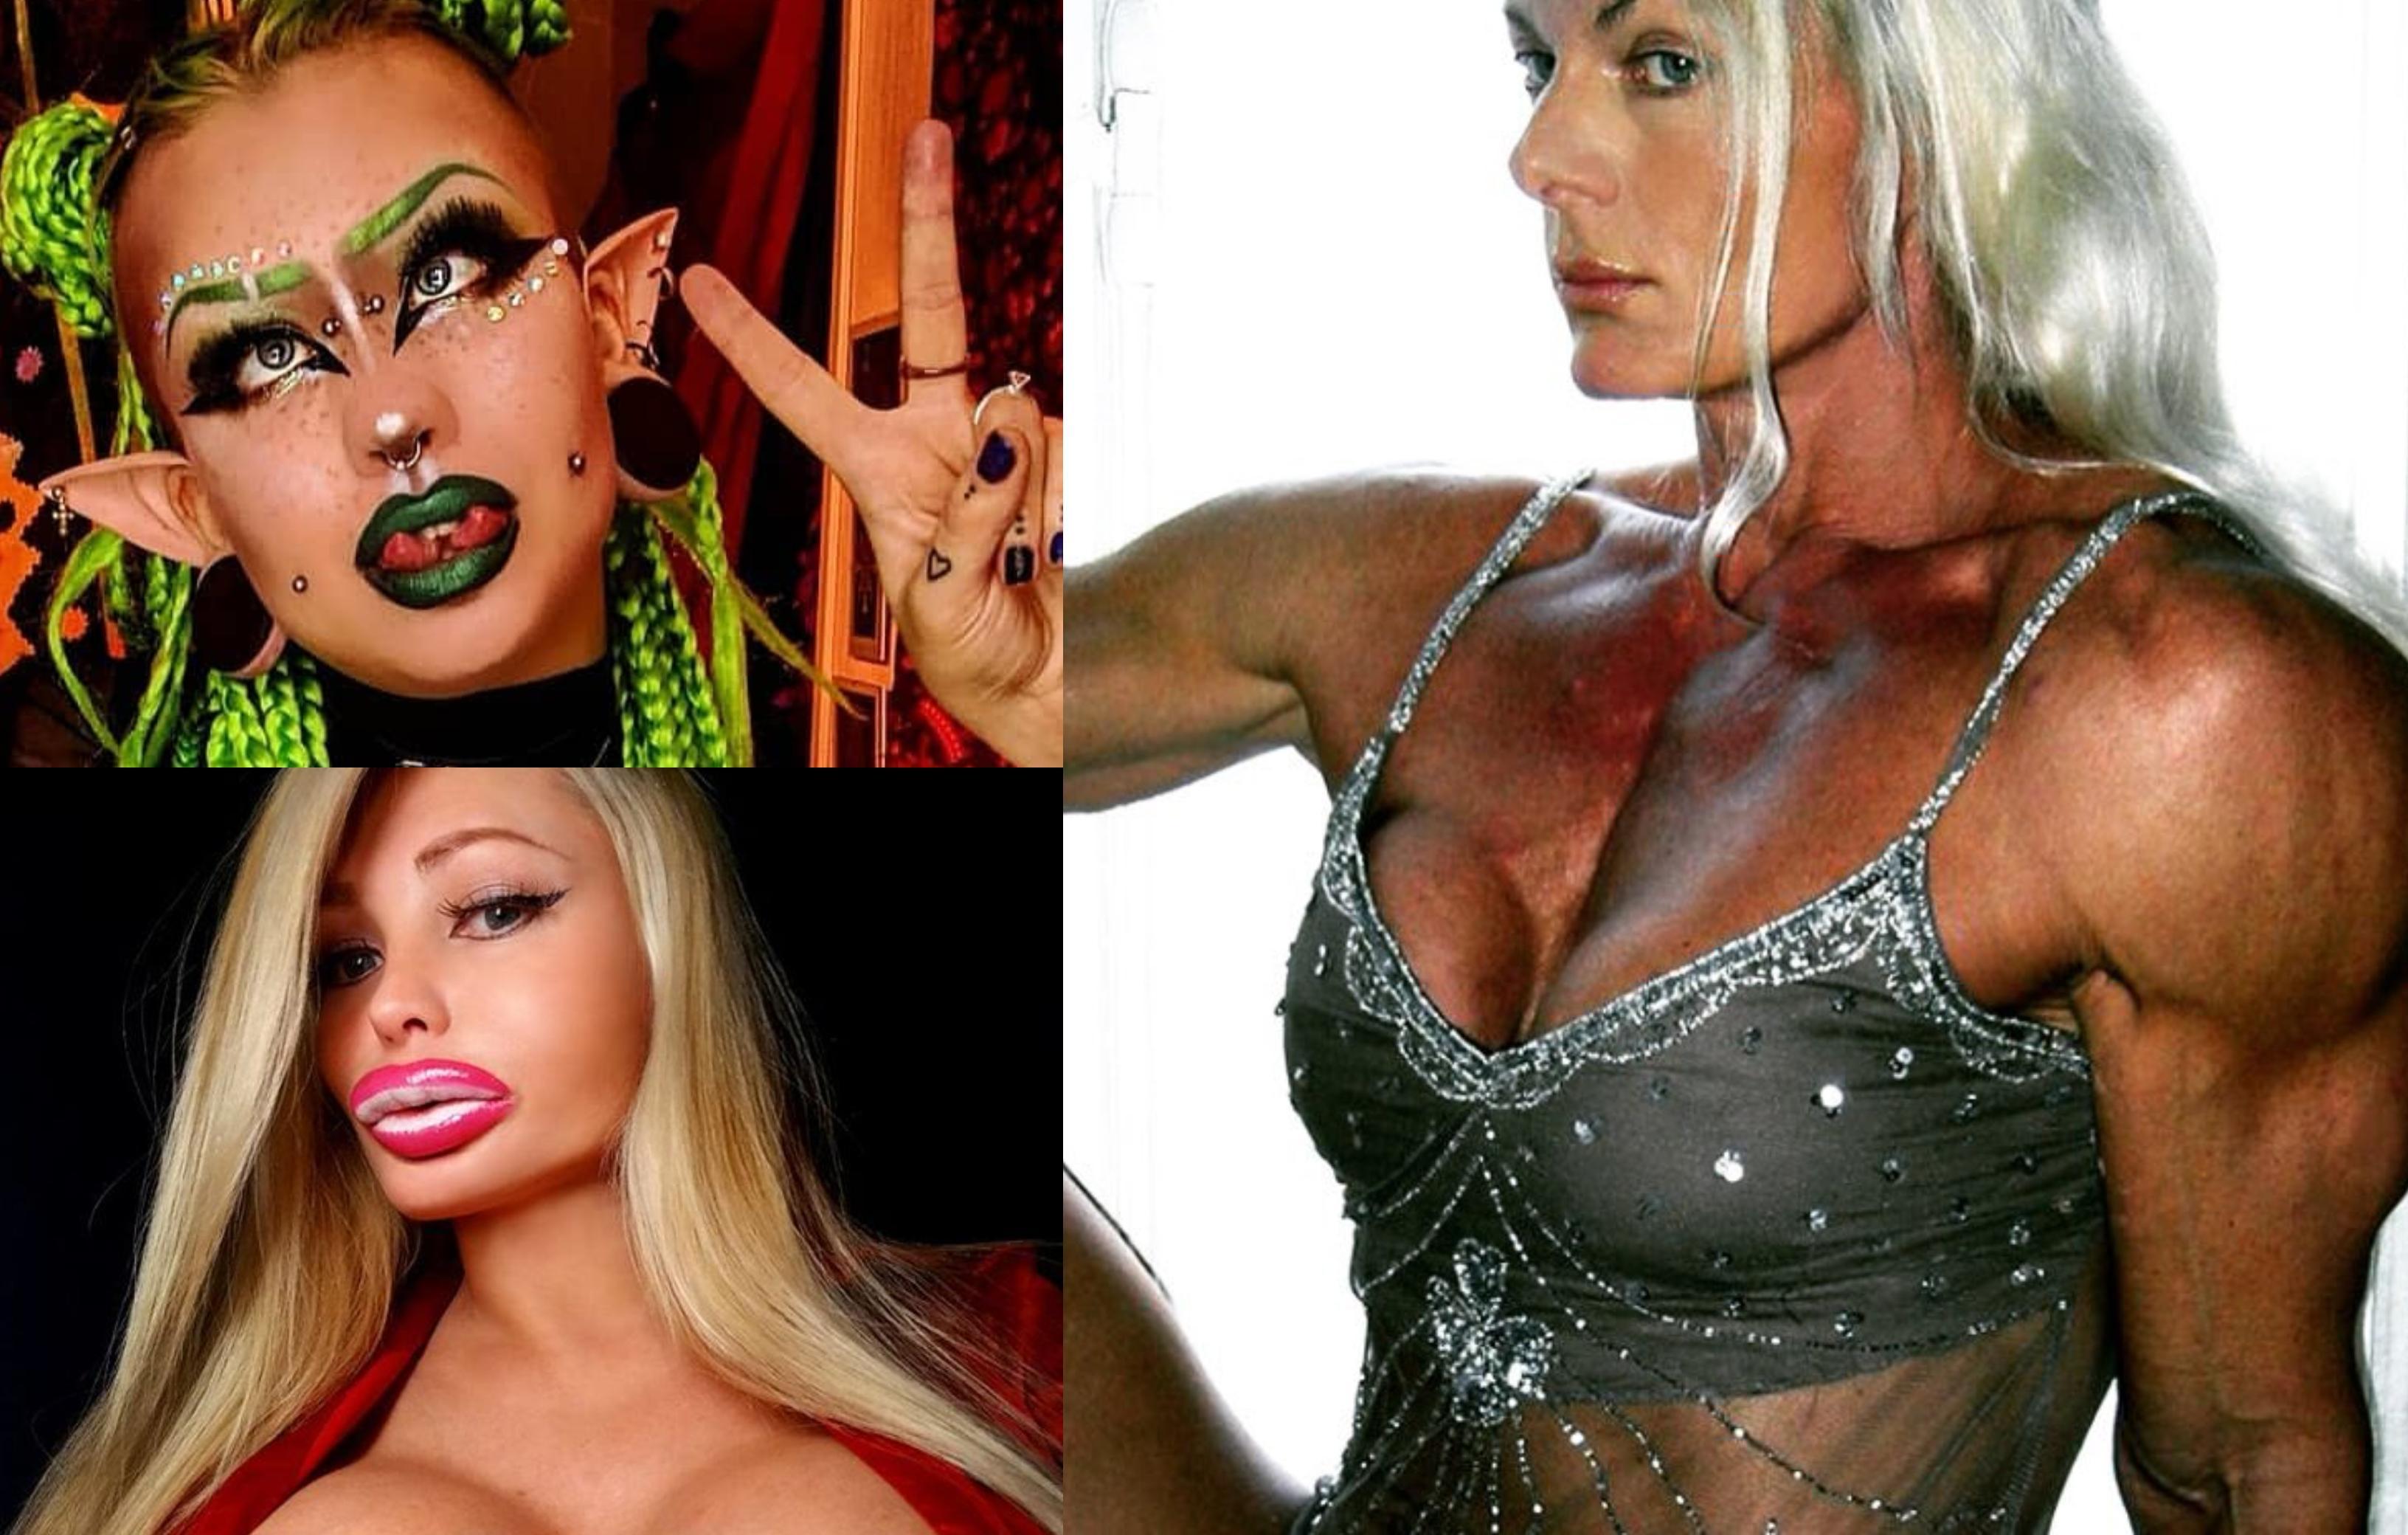 Femeile care au înțeles frumusețea greșit! Cum arătau înainte de a se supune la prea multe operații și trucuri bizare